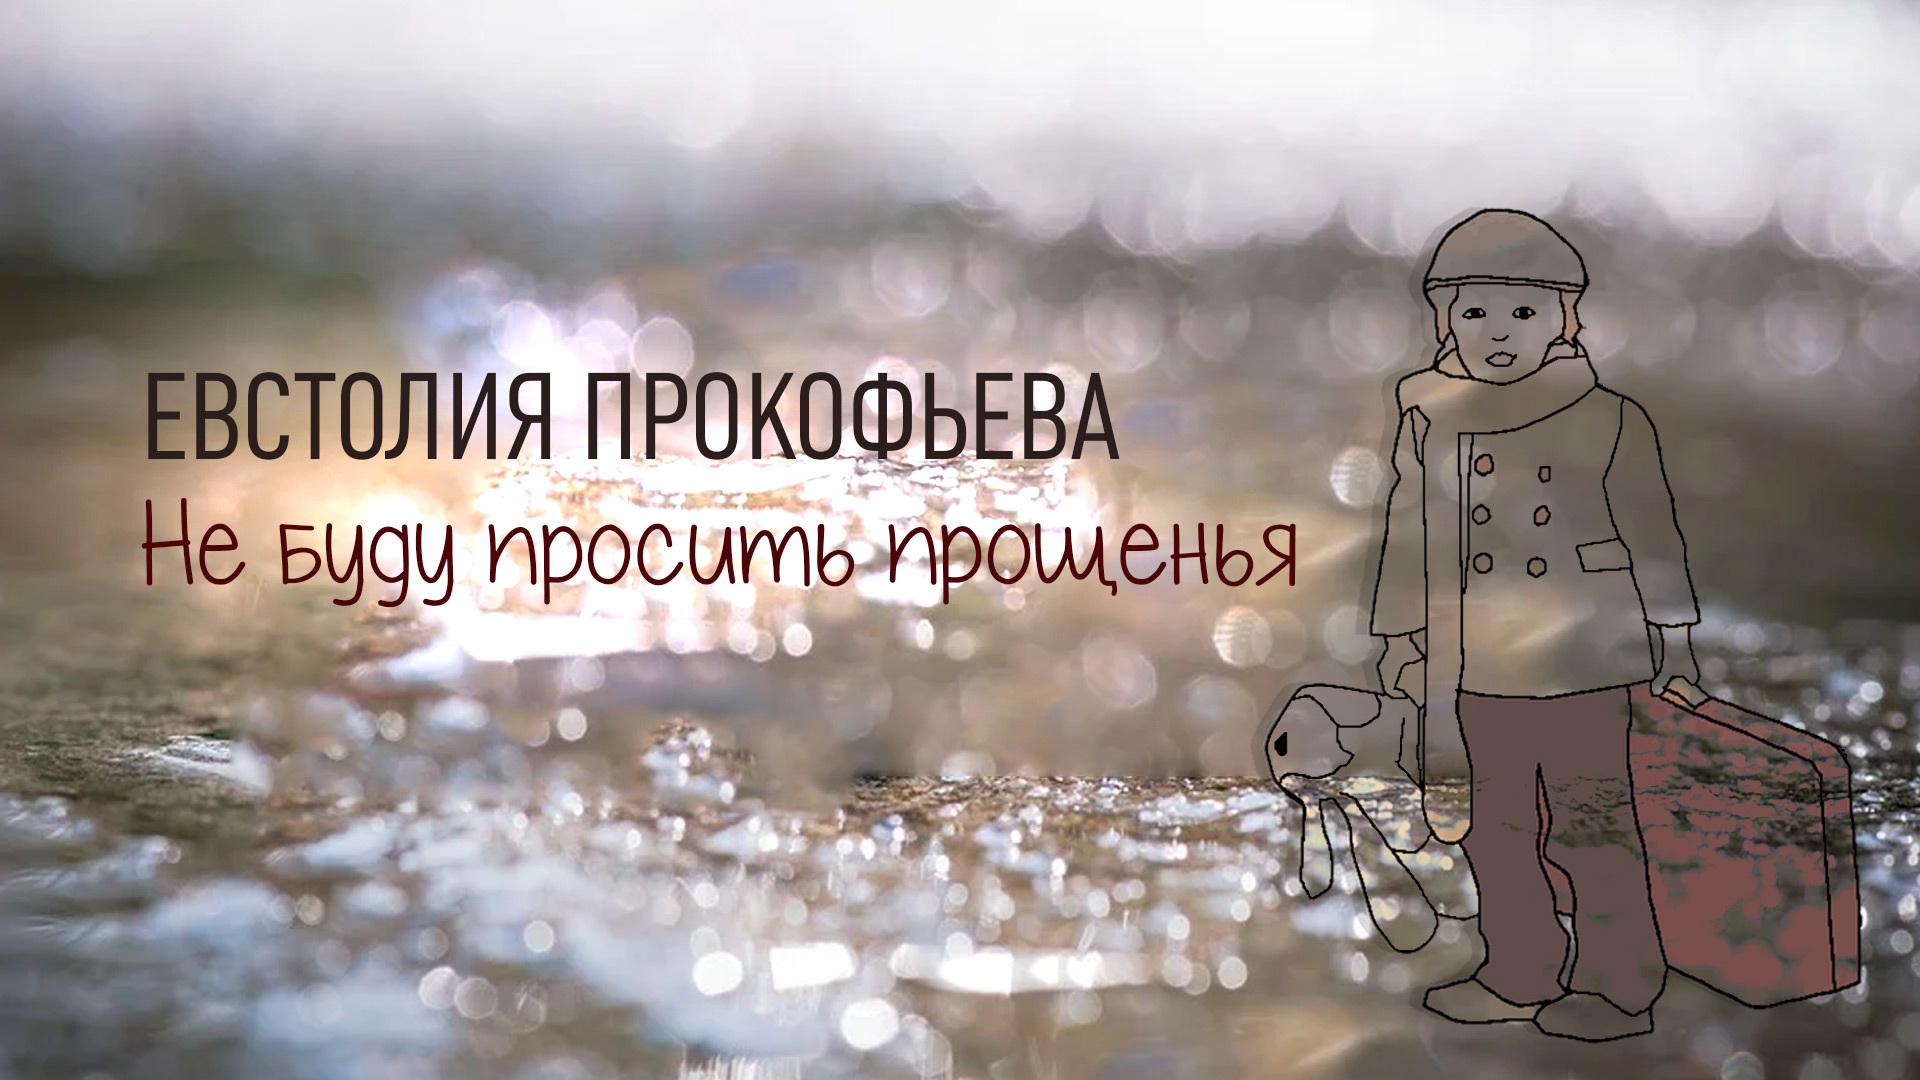 Евстолия Прокофьева. Не буду просить прощенья